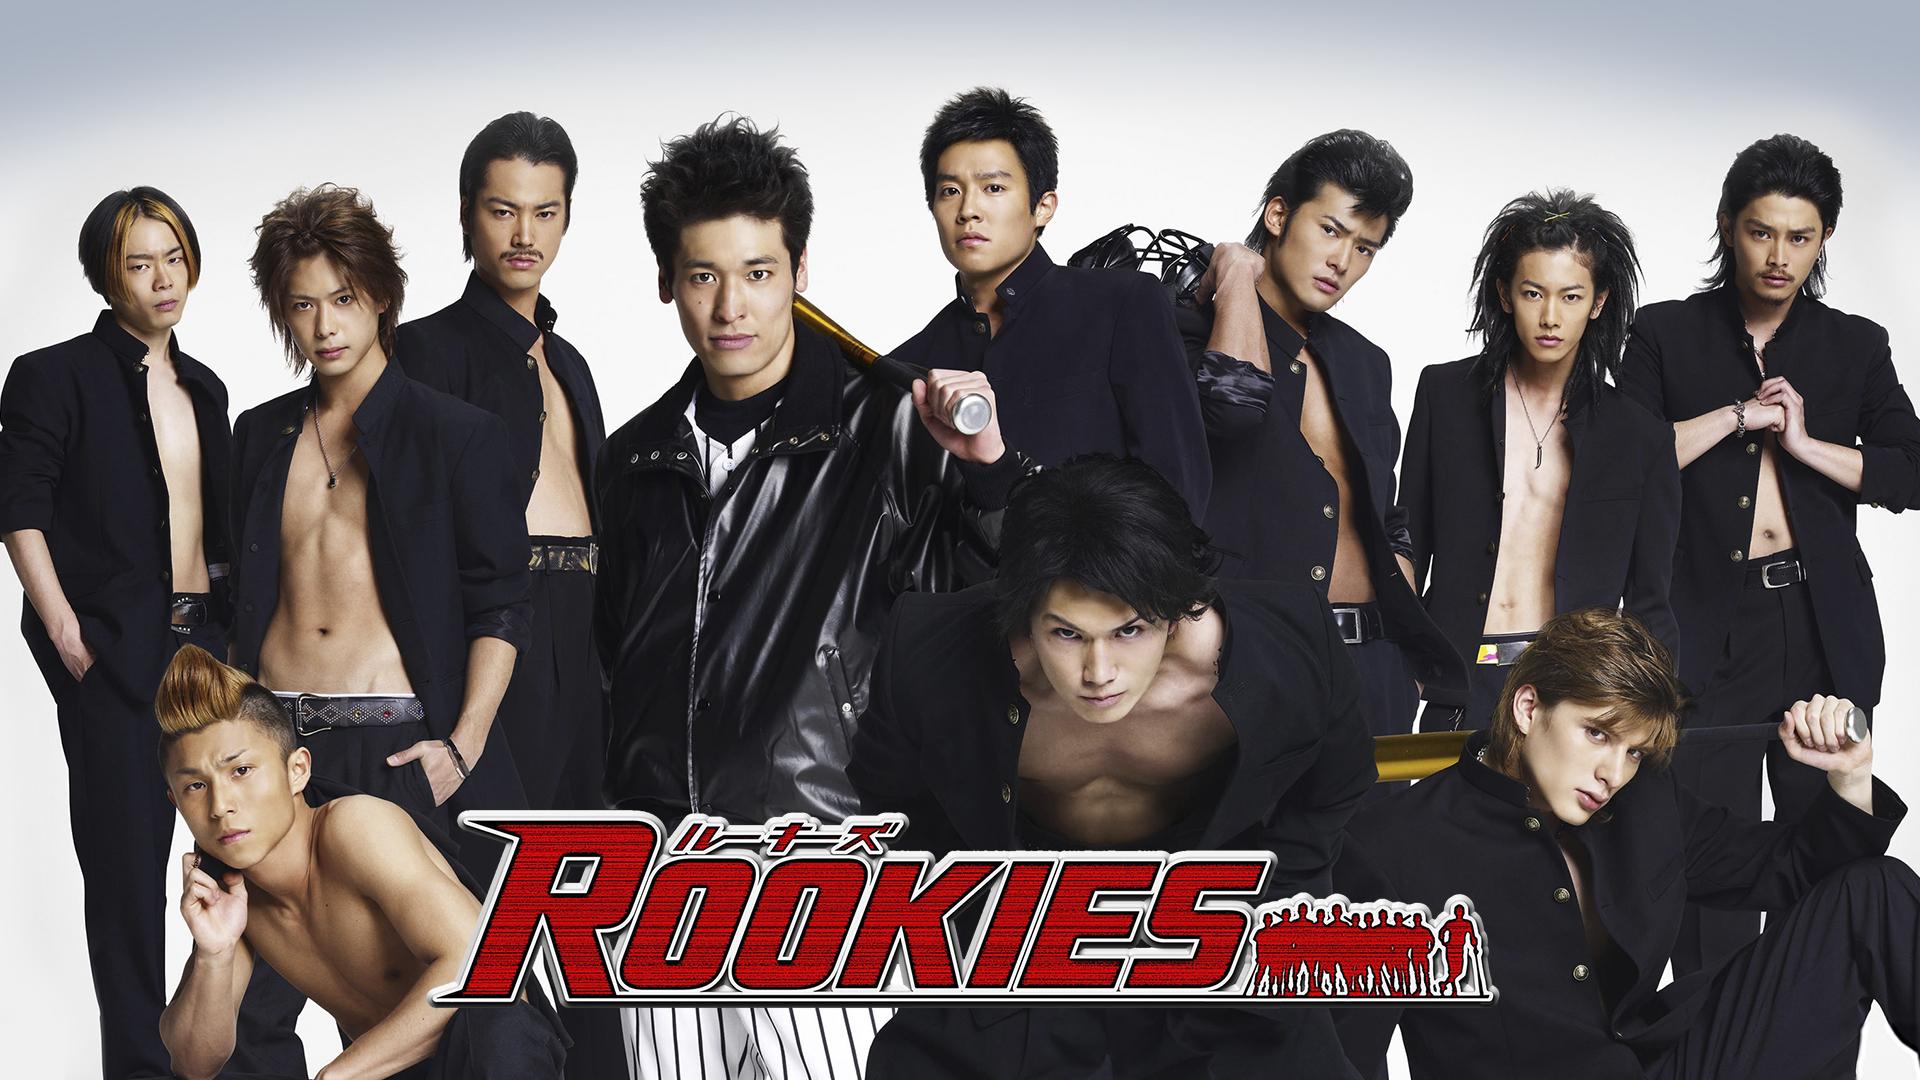 ドラマ『ROOKIES』無料動画!見逃し配信でフル視聴!第1話から全話・再放送情報